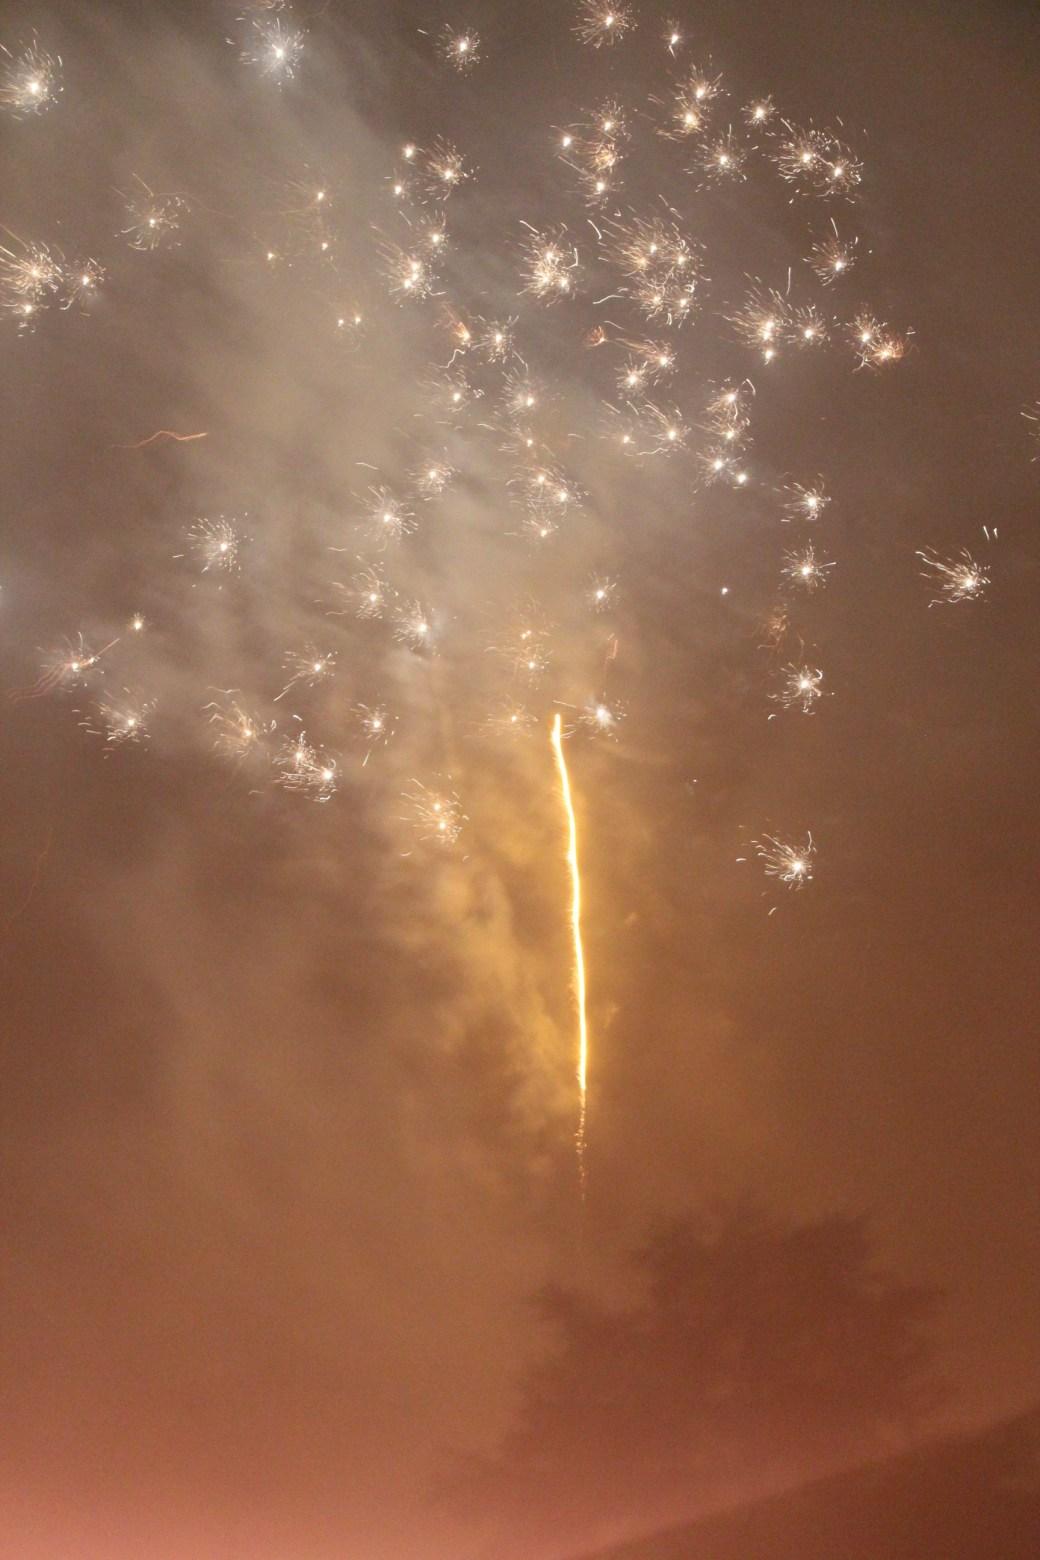 Fireworks; Zurich, Switzerland; 2011